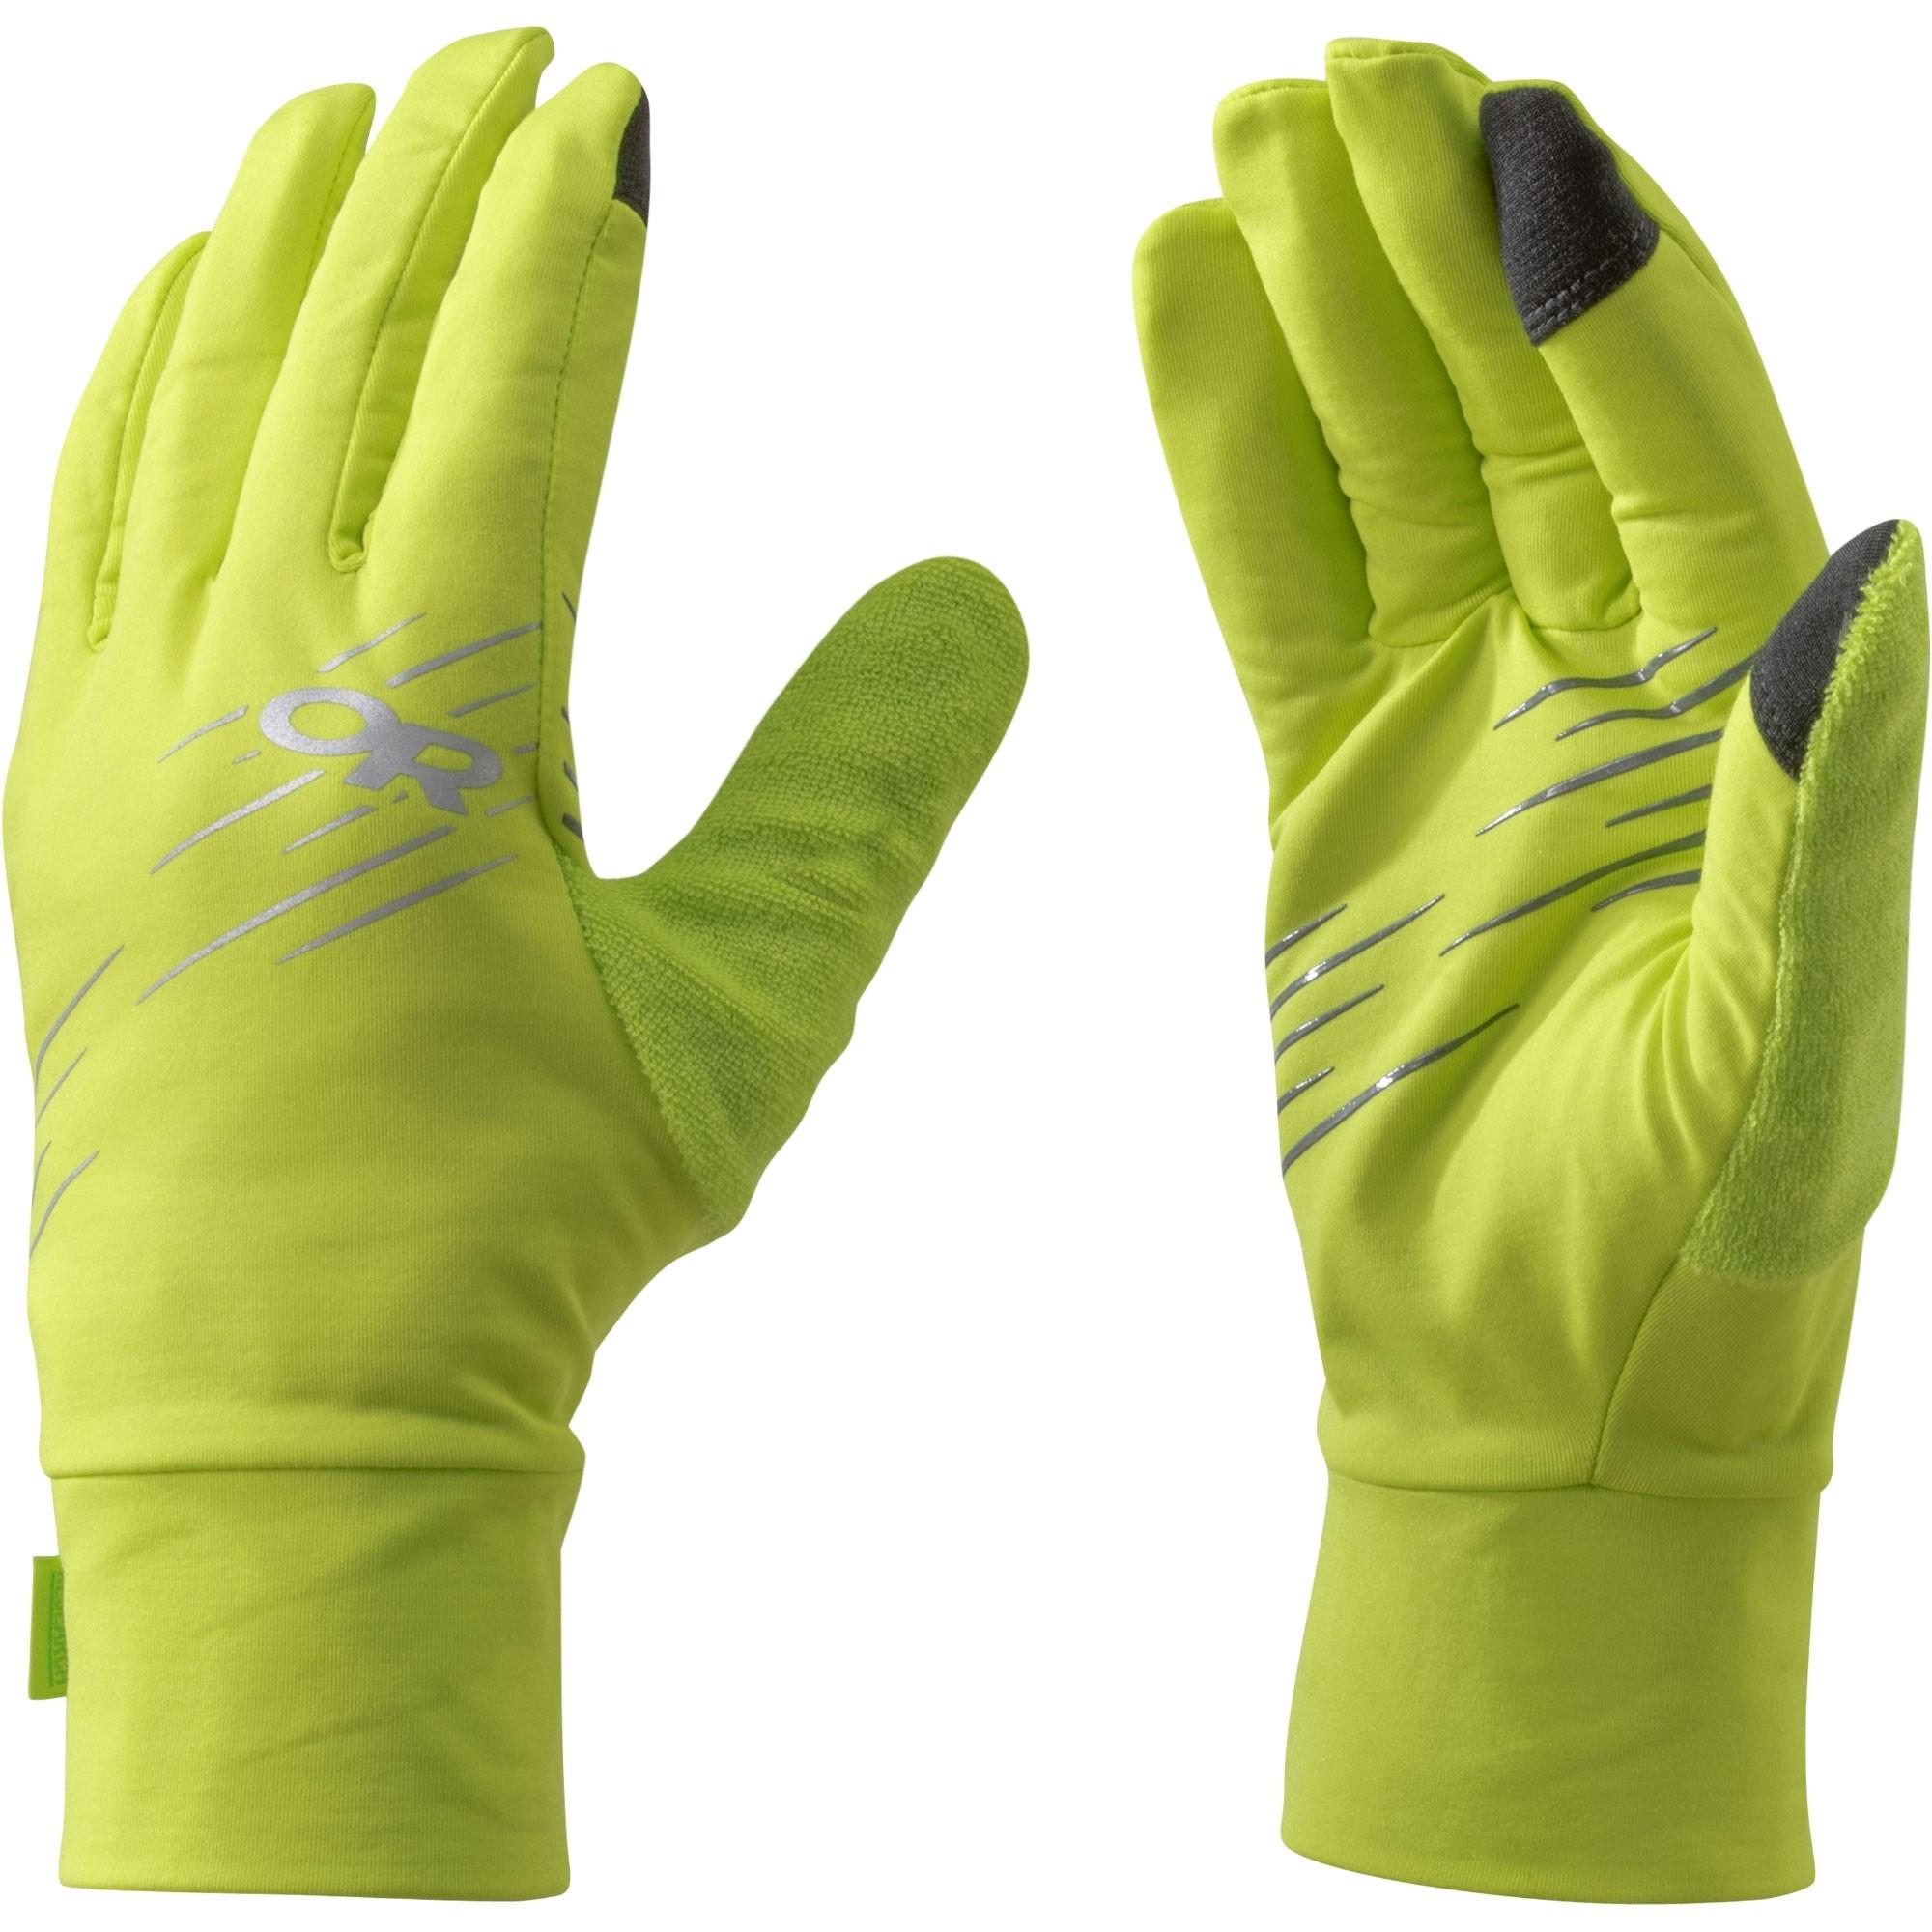 Outdoor-Research-Surge-Sensor-Glove-Lemongrass-W17